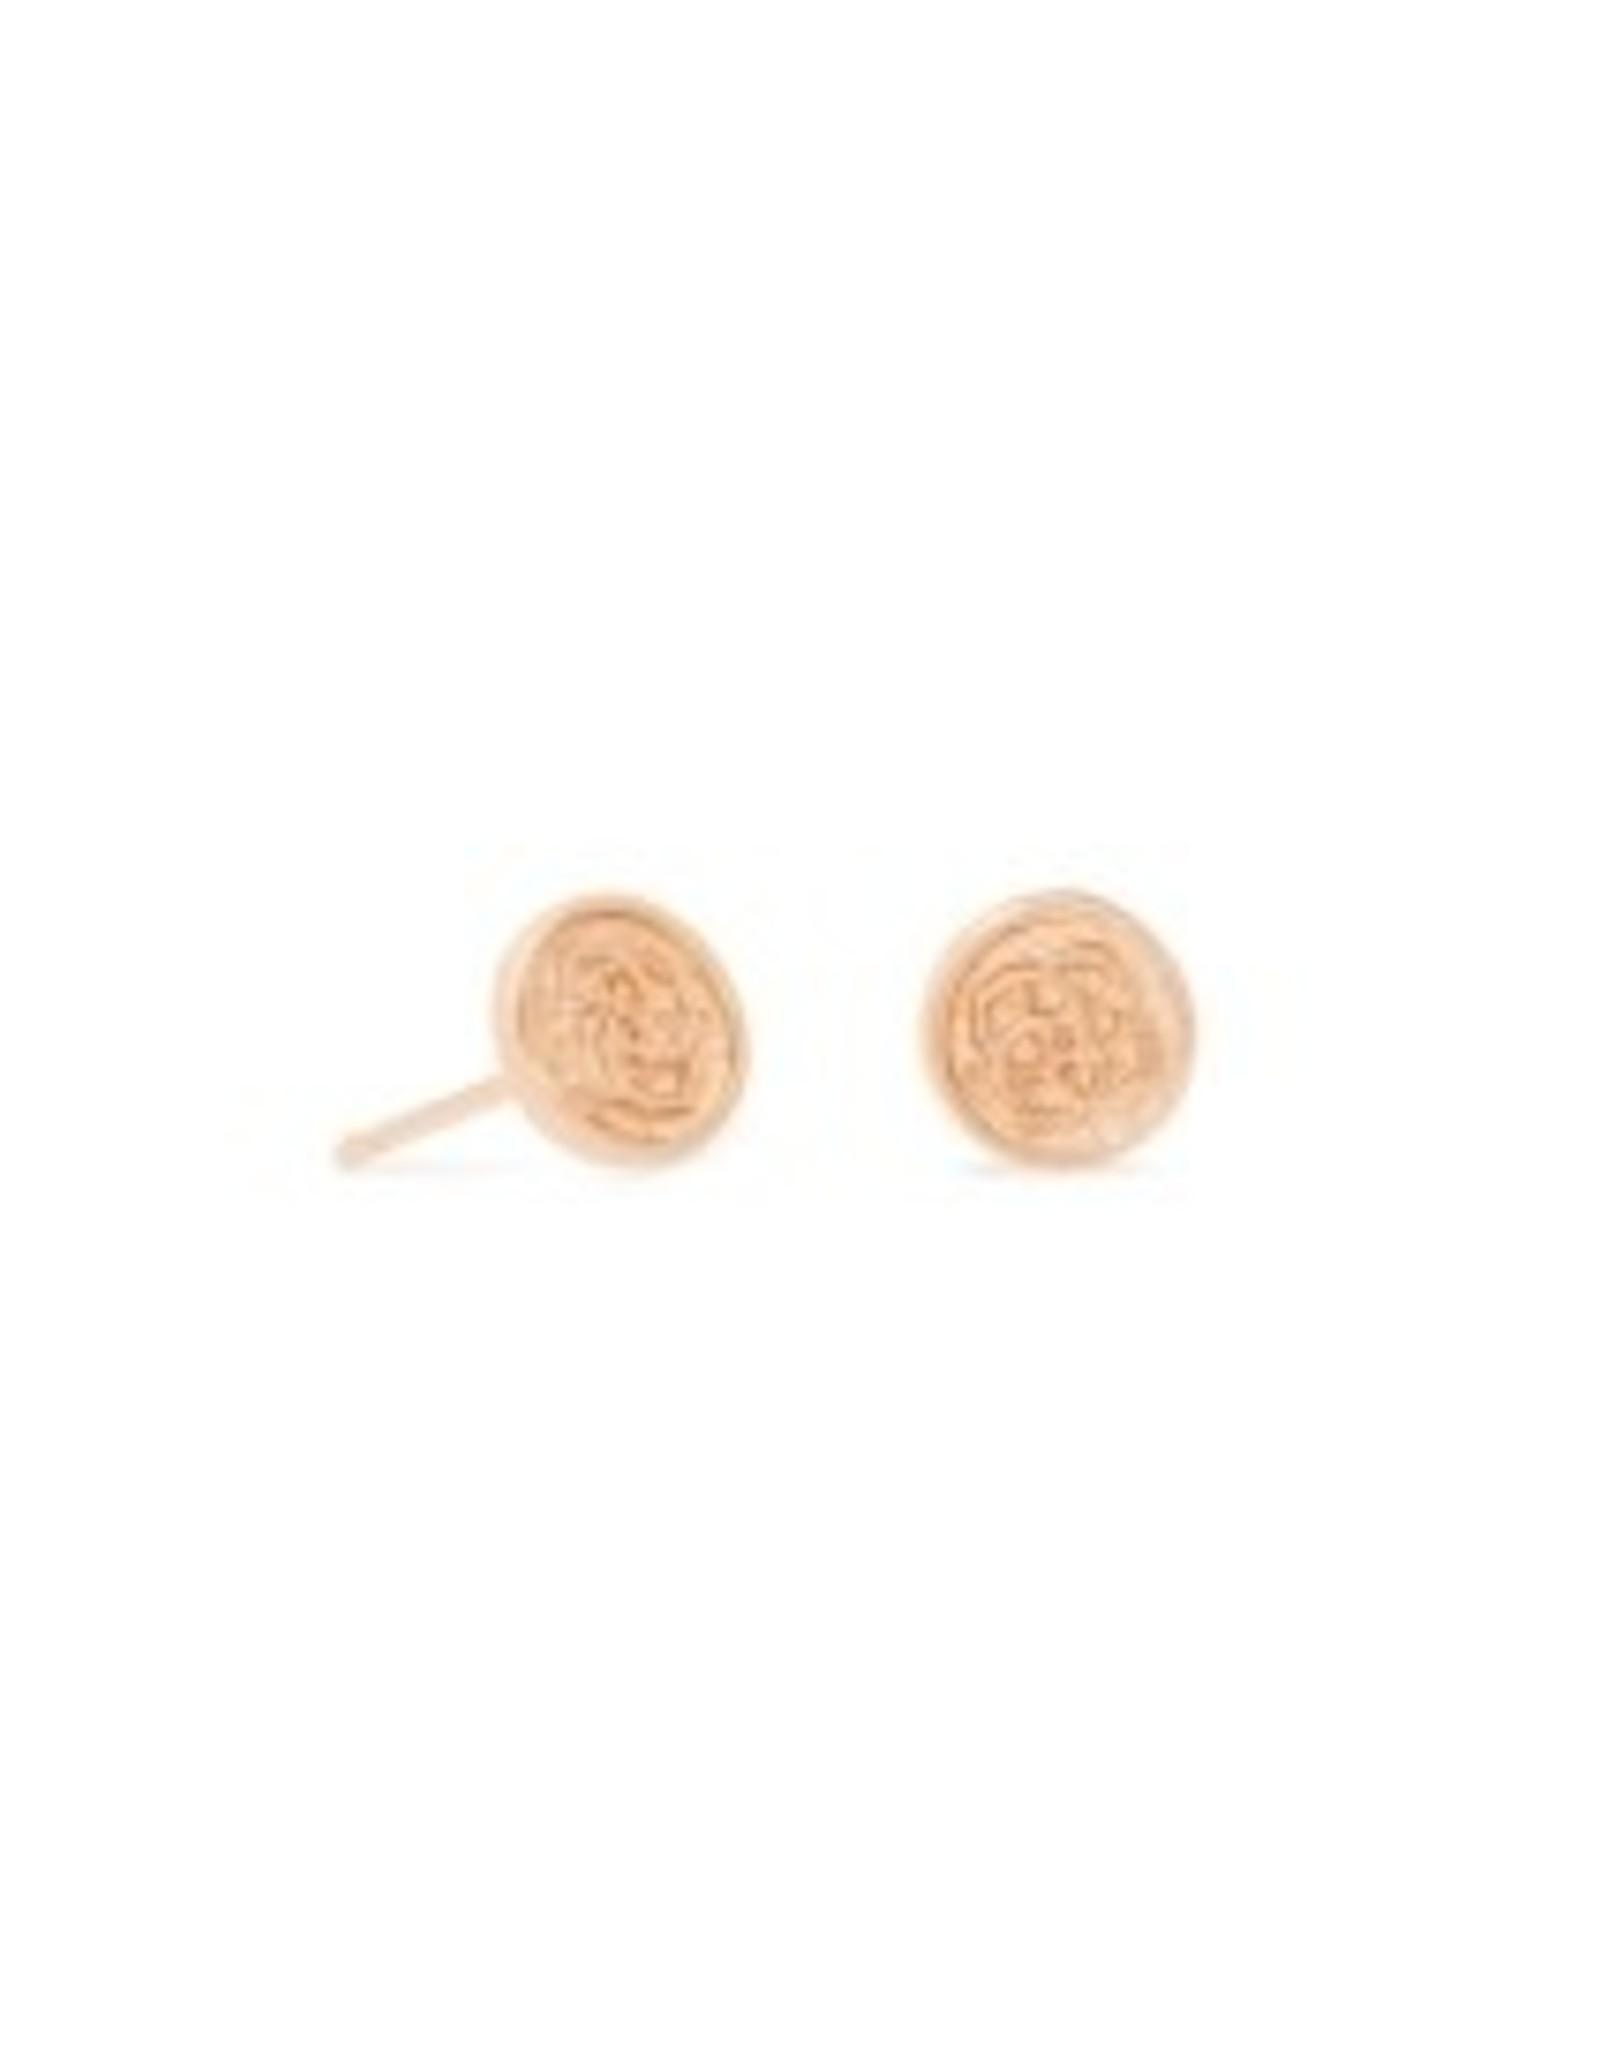 Kendra Scott Kendra Scott Earring- Dira Coin Stud